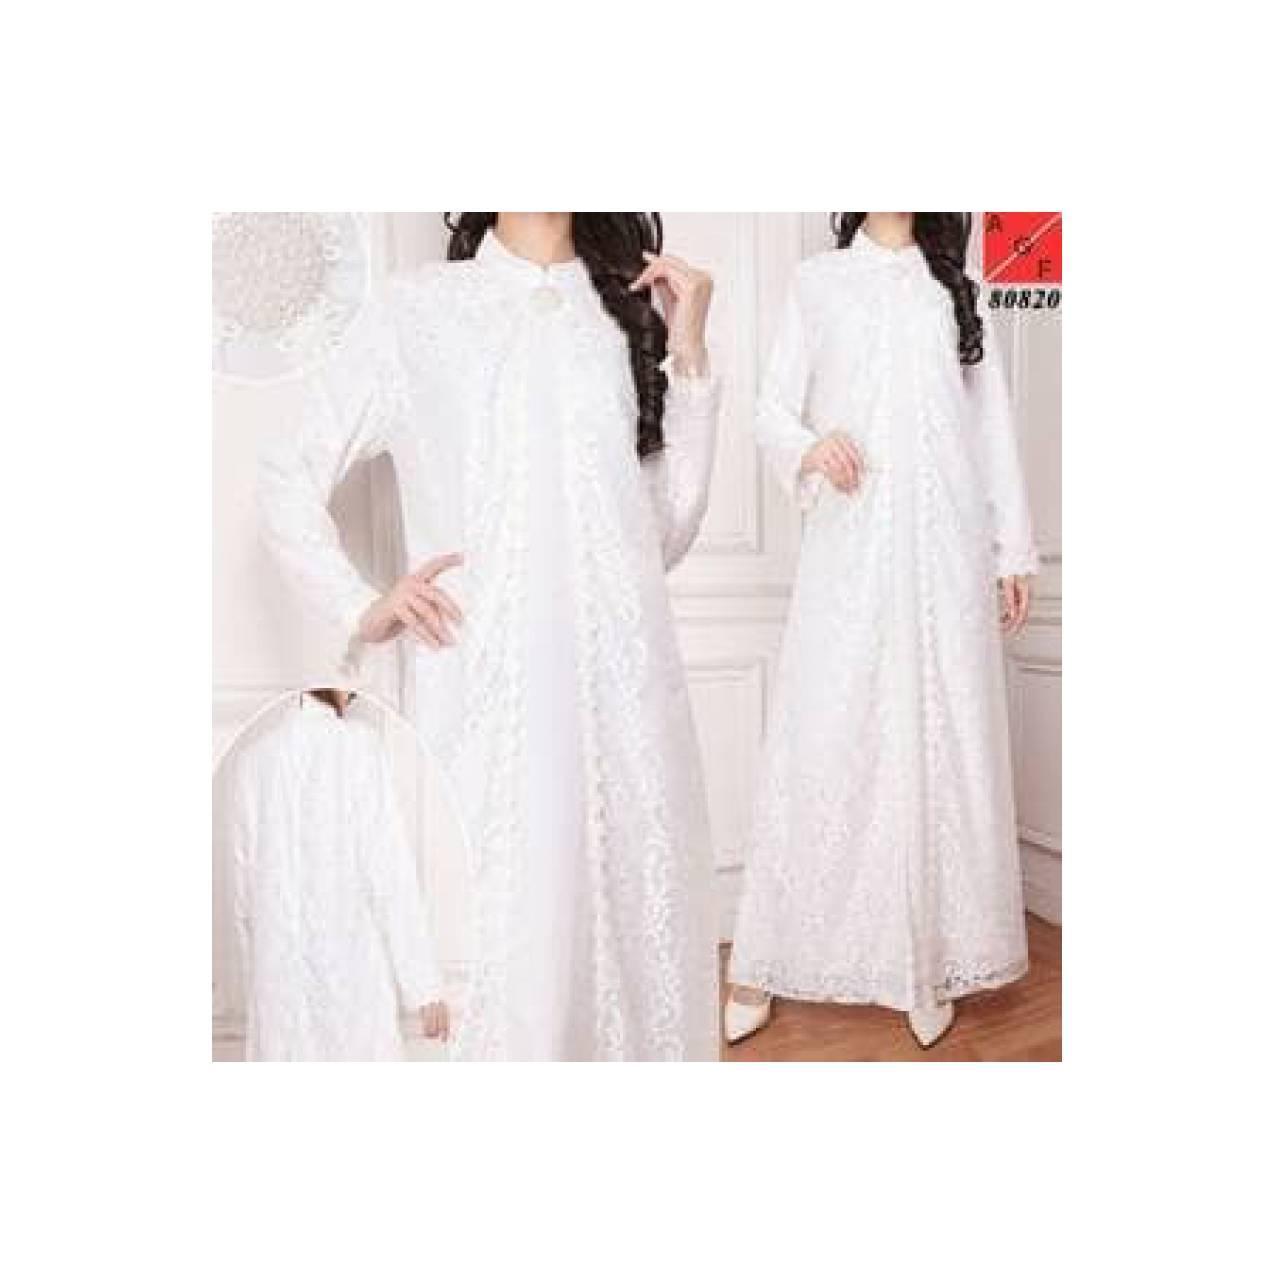 Gamis Putih Baju Umroh Baju Haji Baju manasik Busana muslim wanita